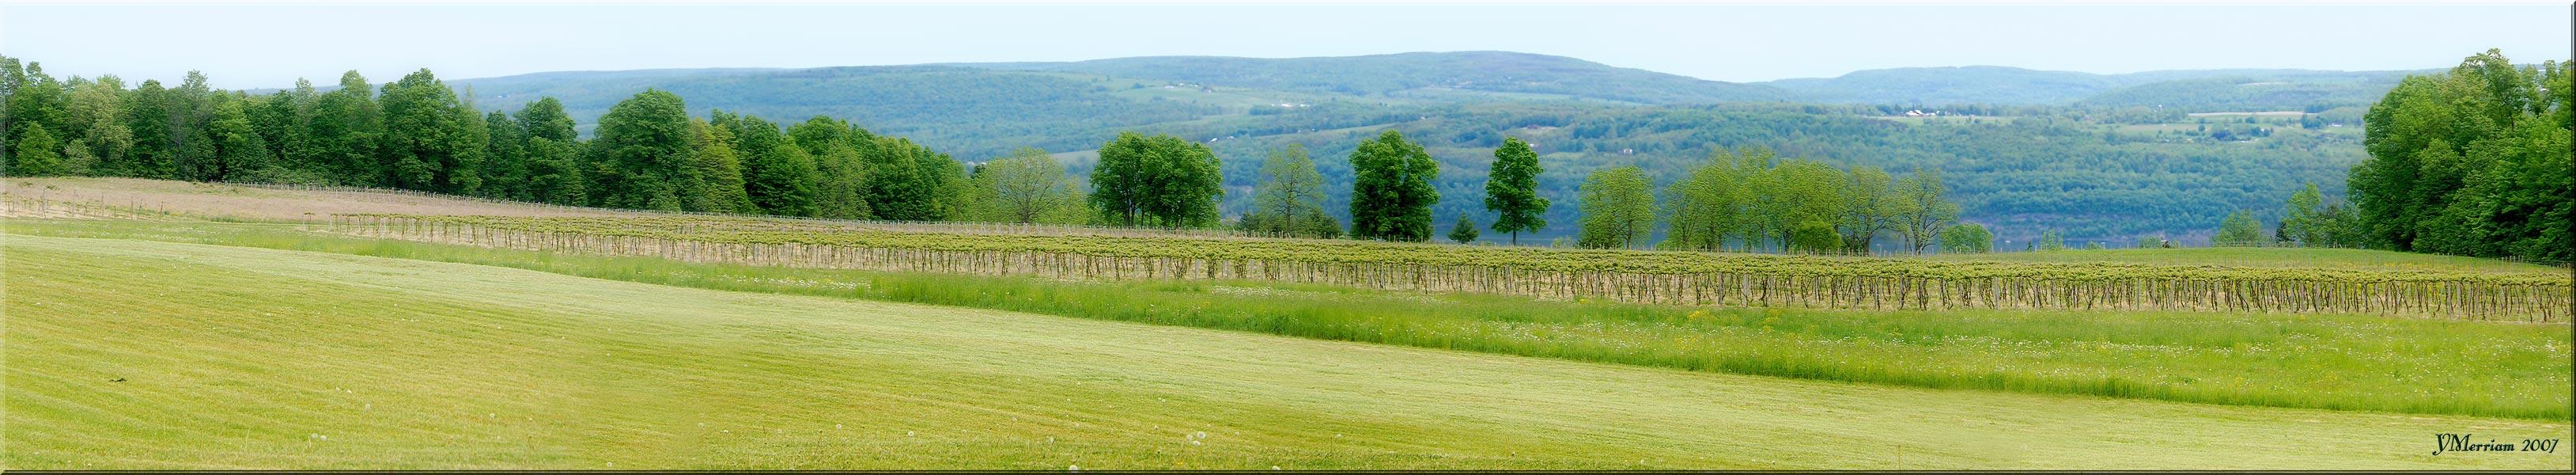 The Vines at Castel Grisch